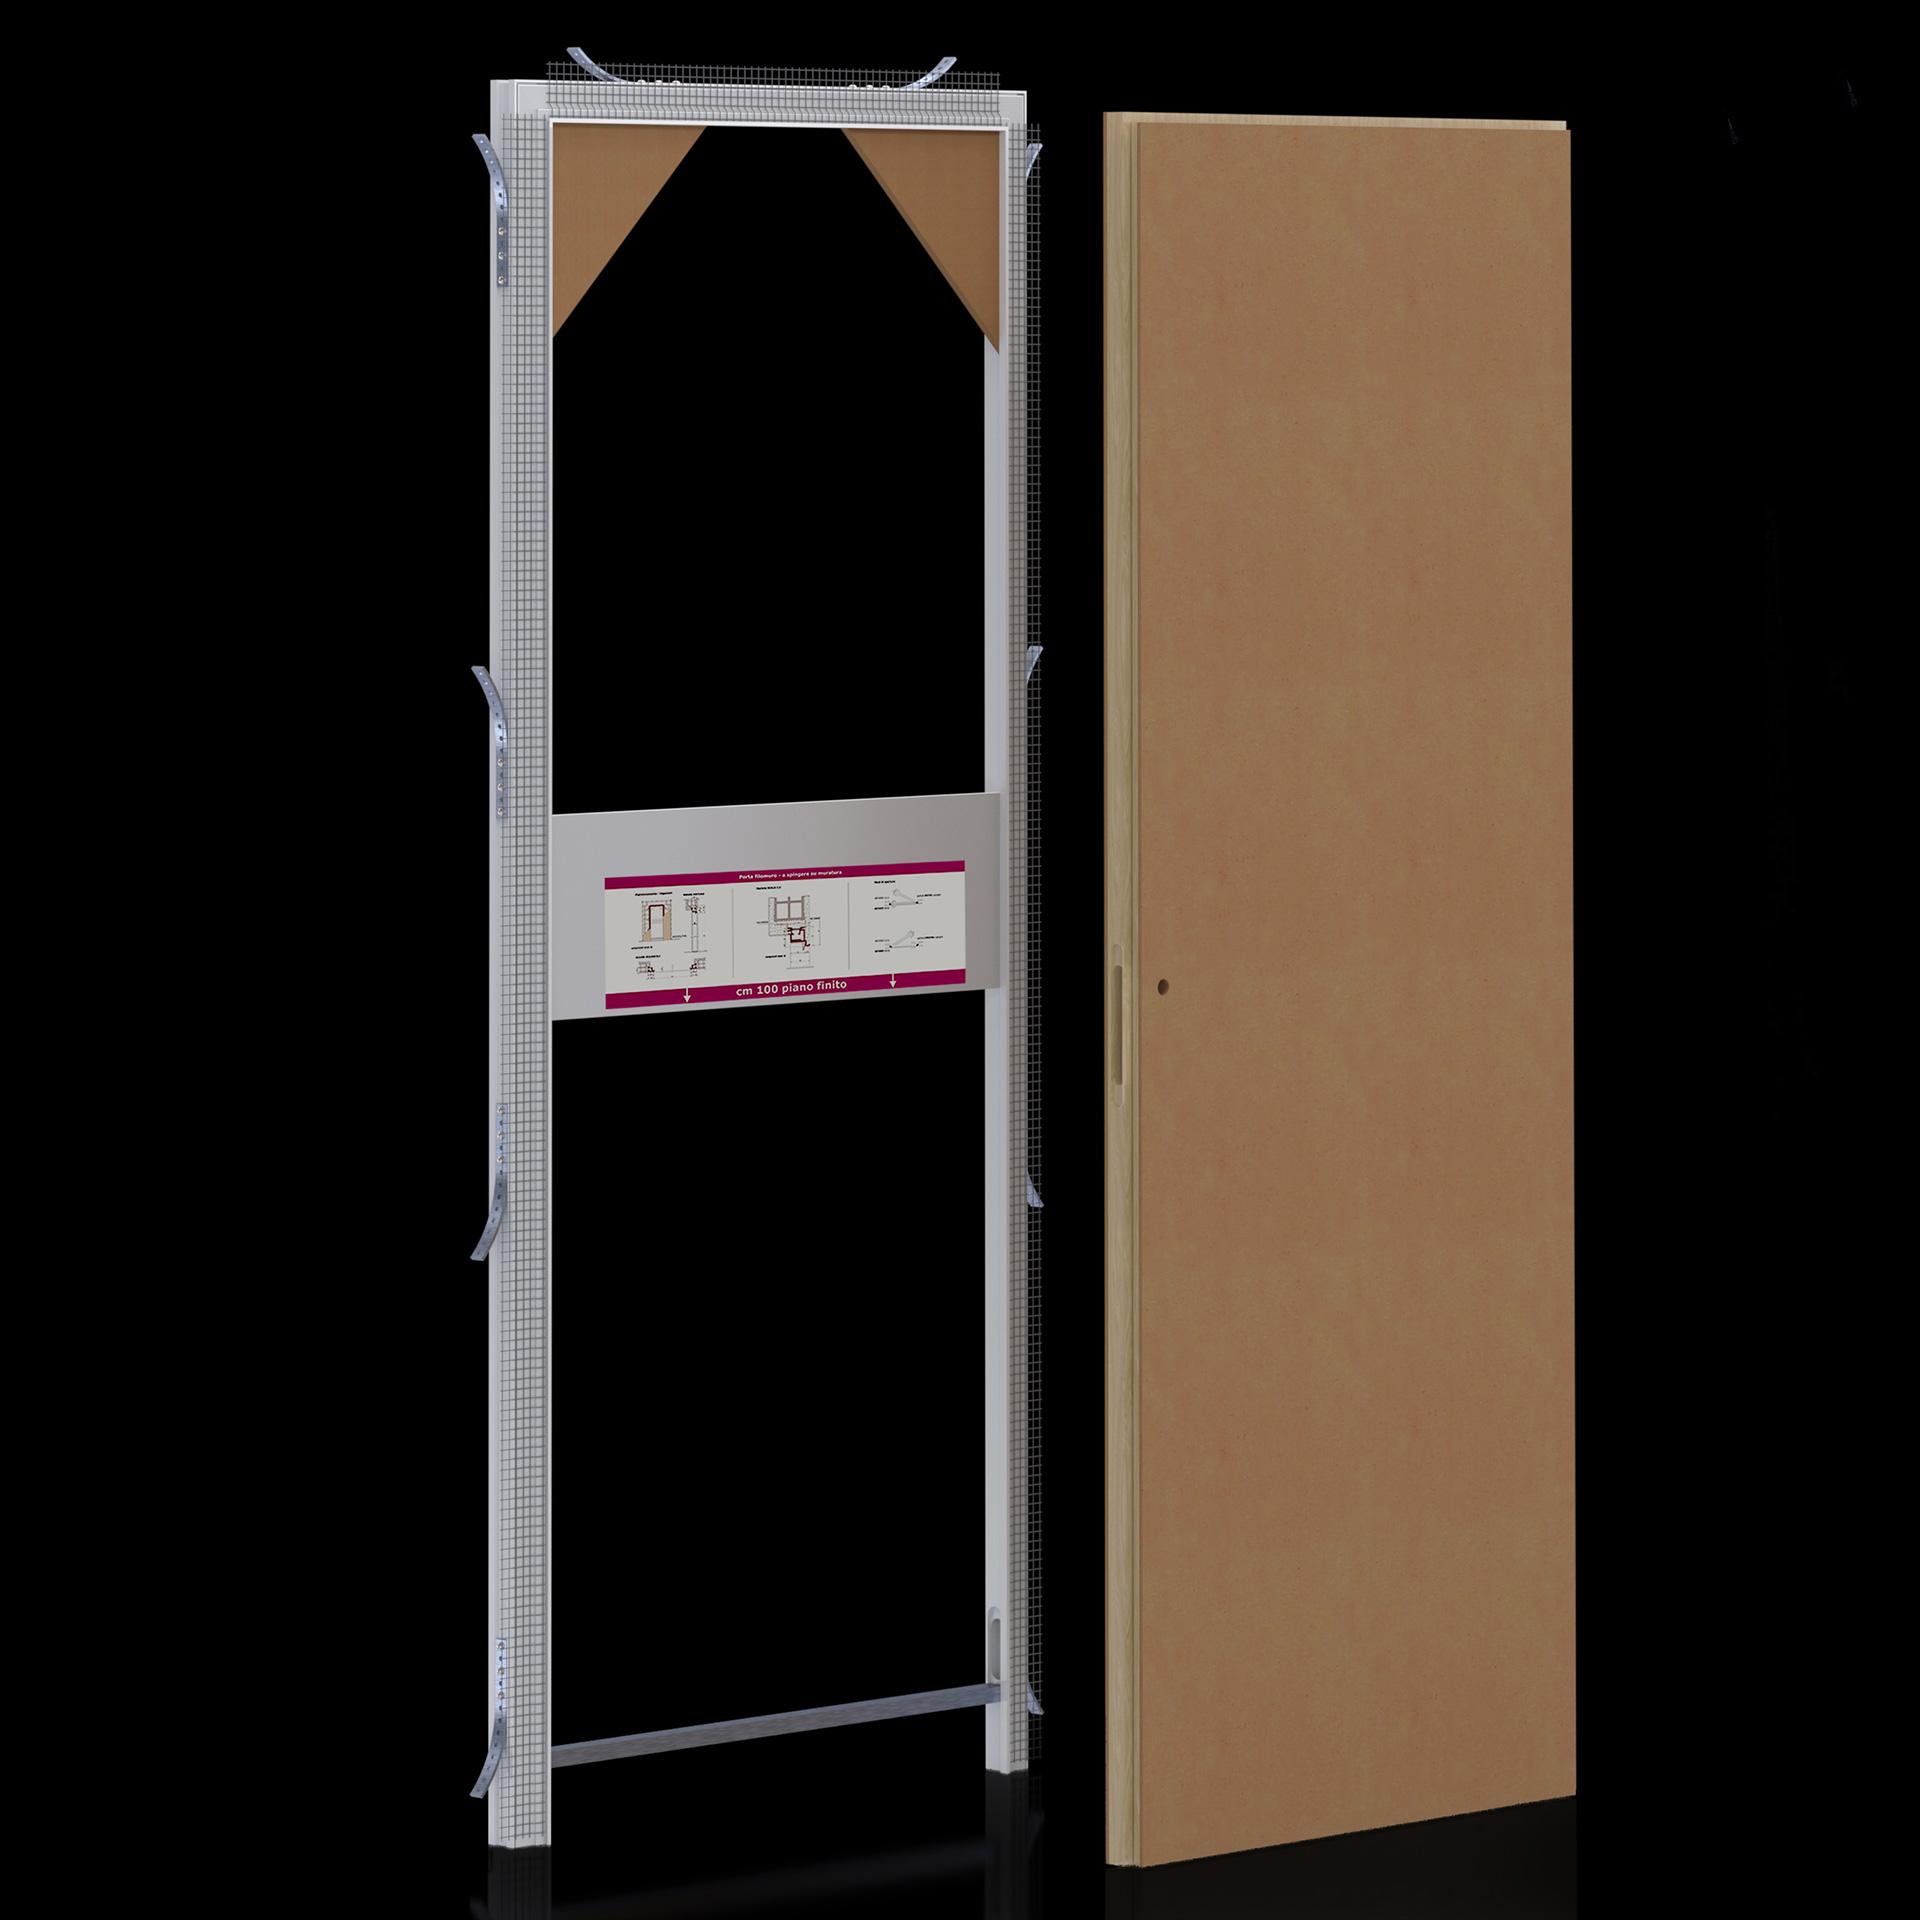 Montaggio Porta Filo Muro Cartongesso più valore - evoline3